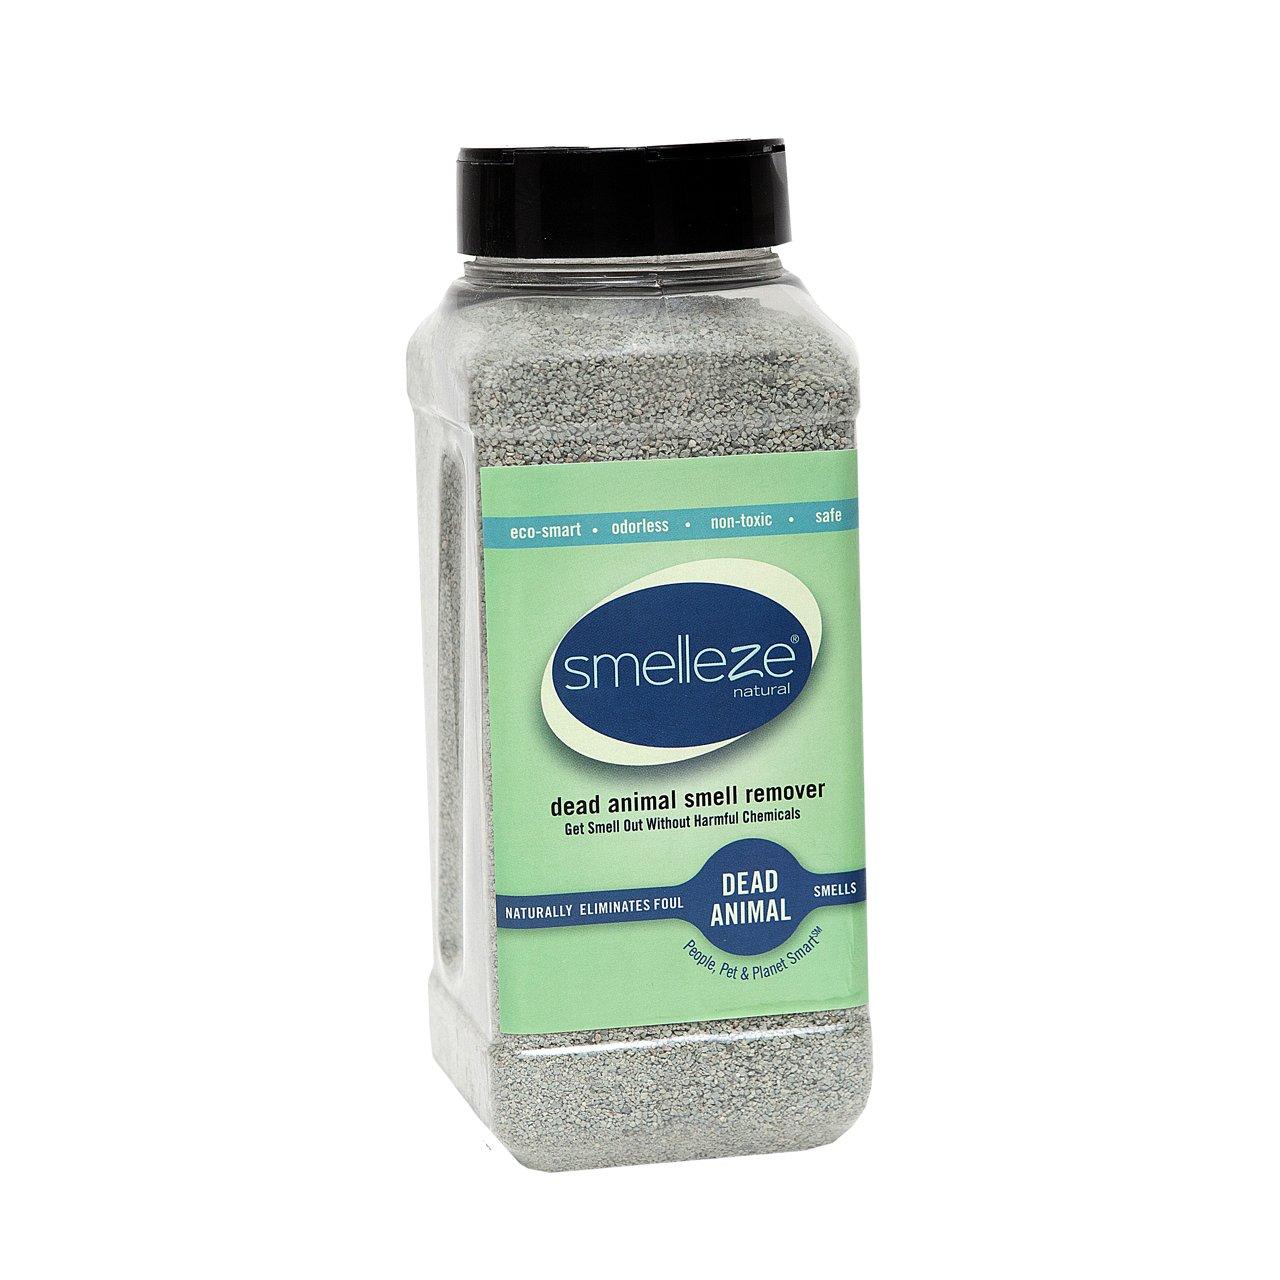 SMELLEZE Natural Yard Odor Remover Deodorizer: 2 lb. Granules Eliminates Outdoor Smell